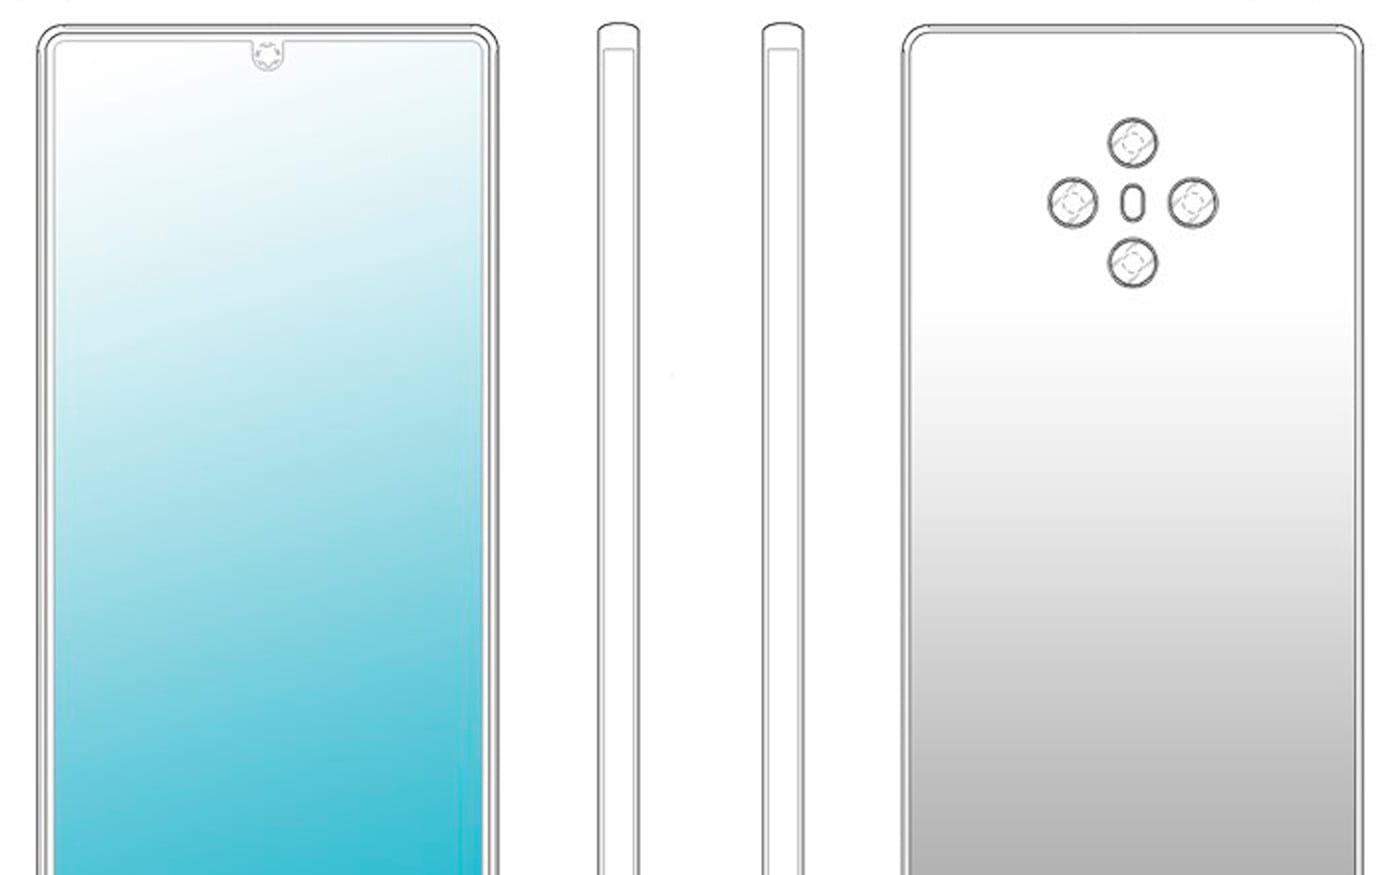 Smartphones LG: Patentes mostram dispositivos sem botões físicos